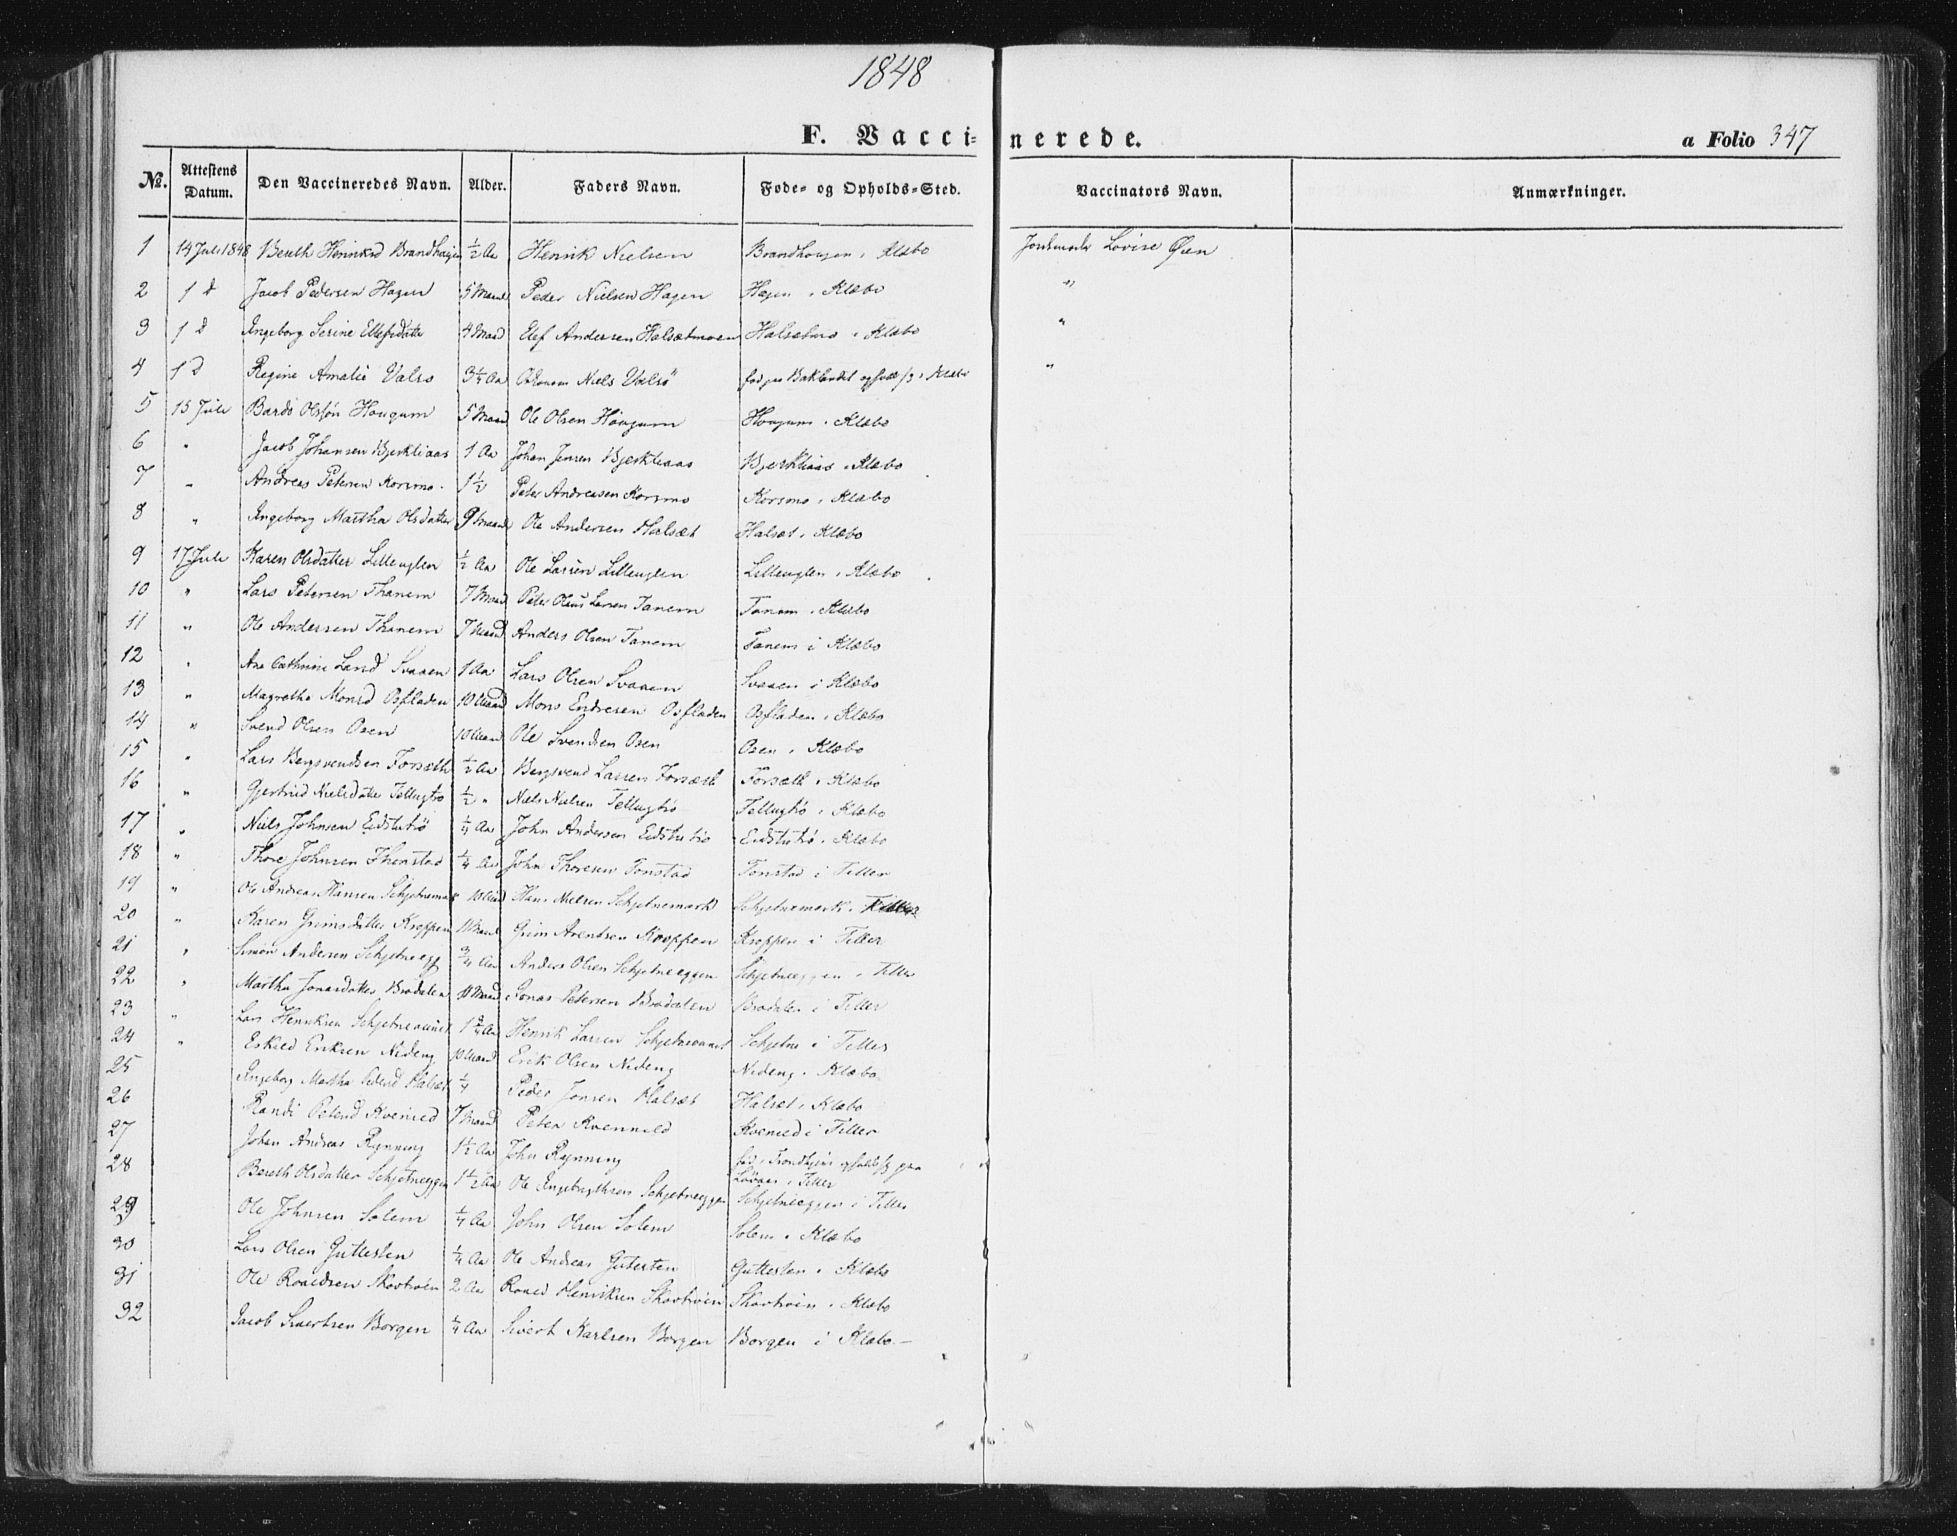 SAT, Ministerialprotokoller, klokkerbøker og fødselsregistre - Sør-Trøndelag, 618/L0441: Ministerialbok nr. 618A05, 1843-1862, s. 347